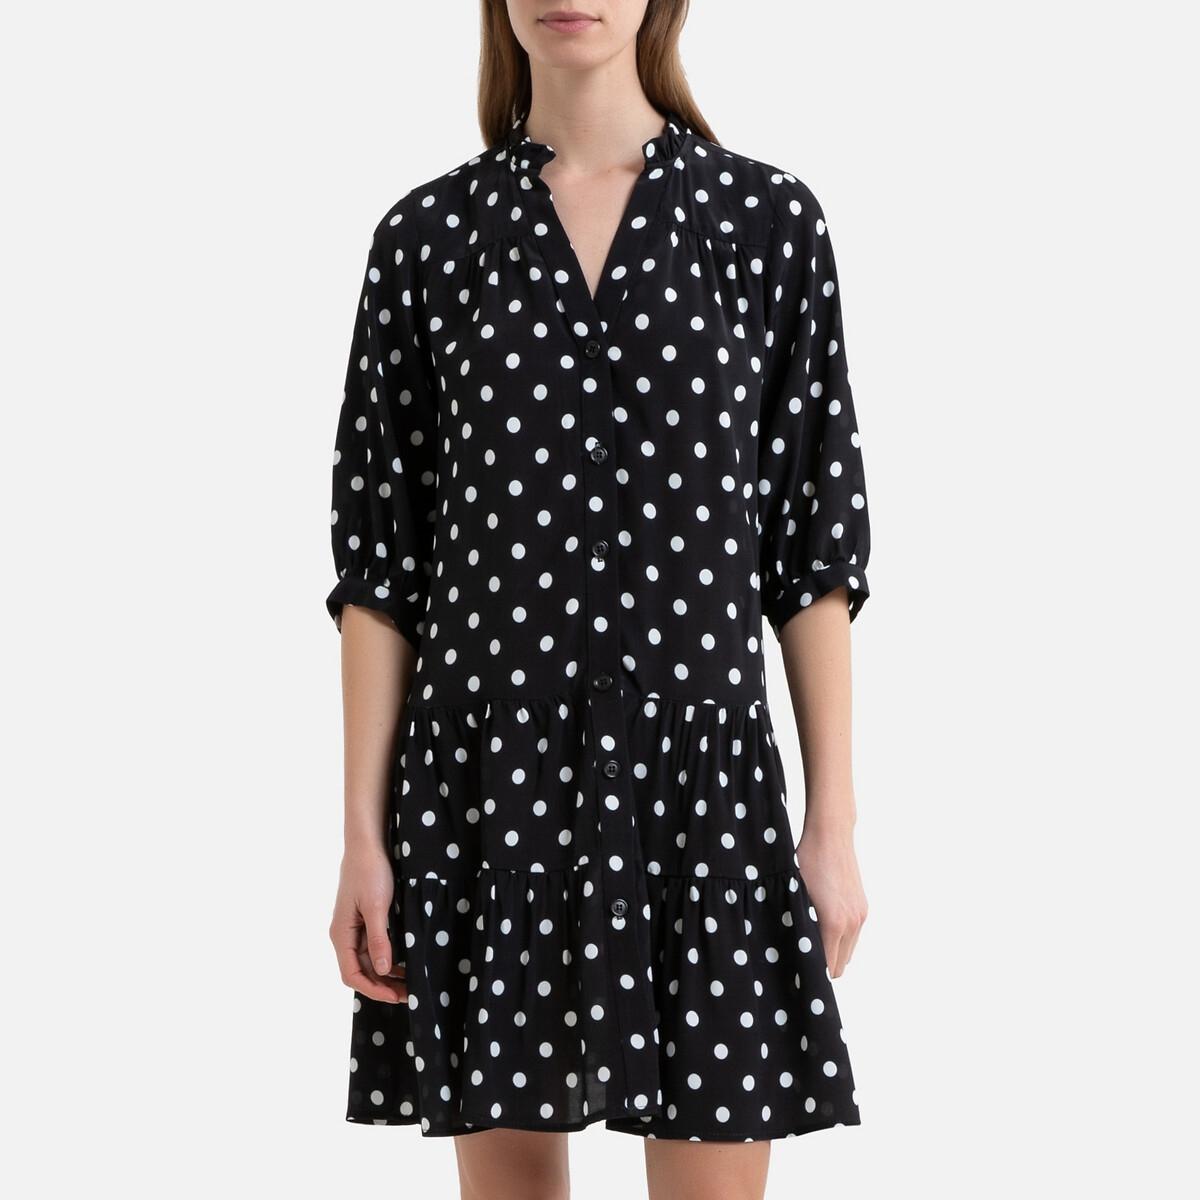 Платье LaRedoute Короткое расклешенное в горошек RITA 38 (FR) - 44 (RUS) черный платье la redoute короткое расклешенное в горошек с ажурными бретелями 42 fr 48 rus синий